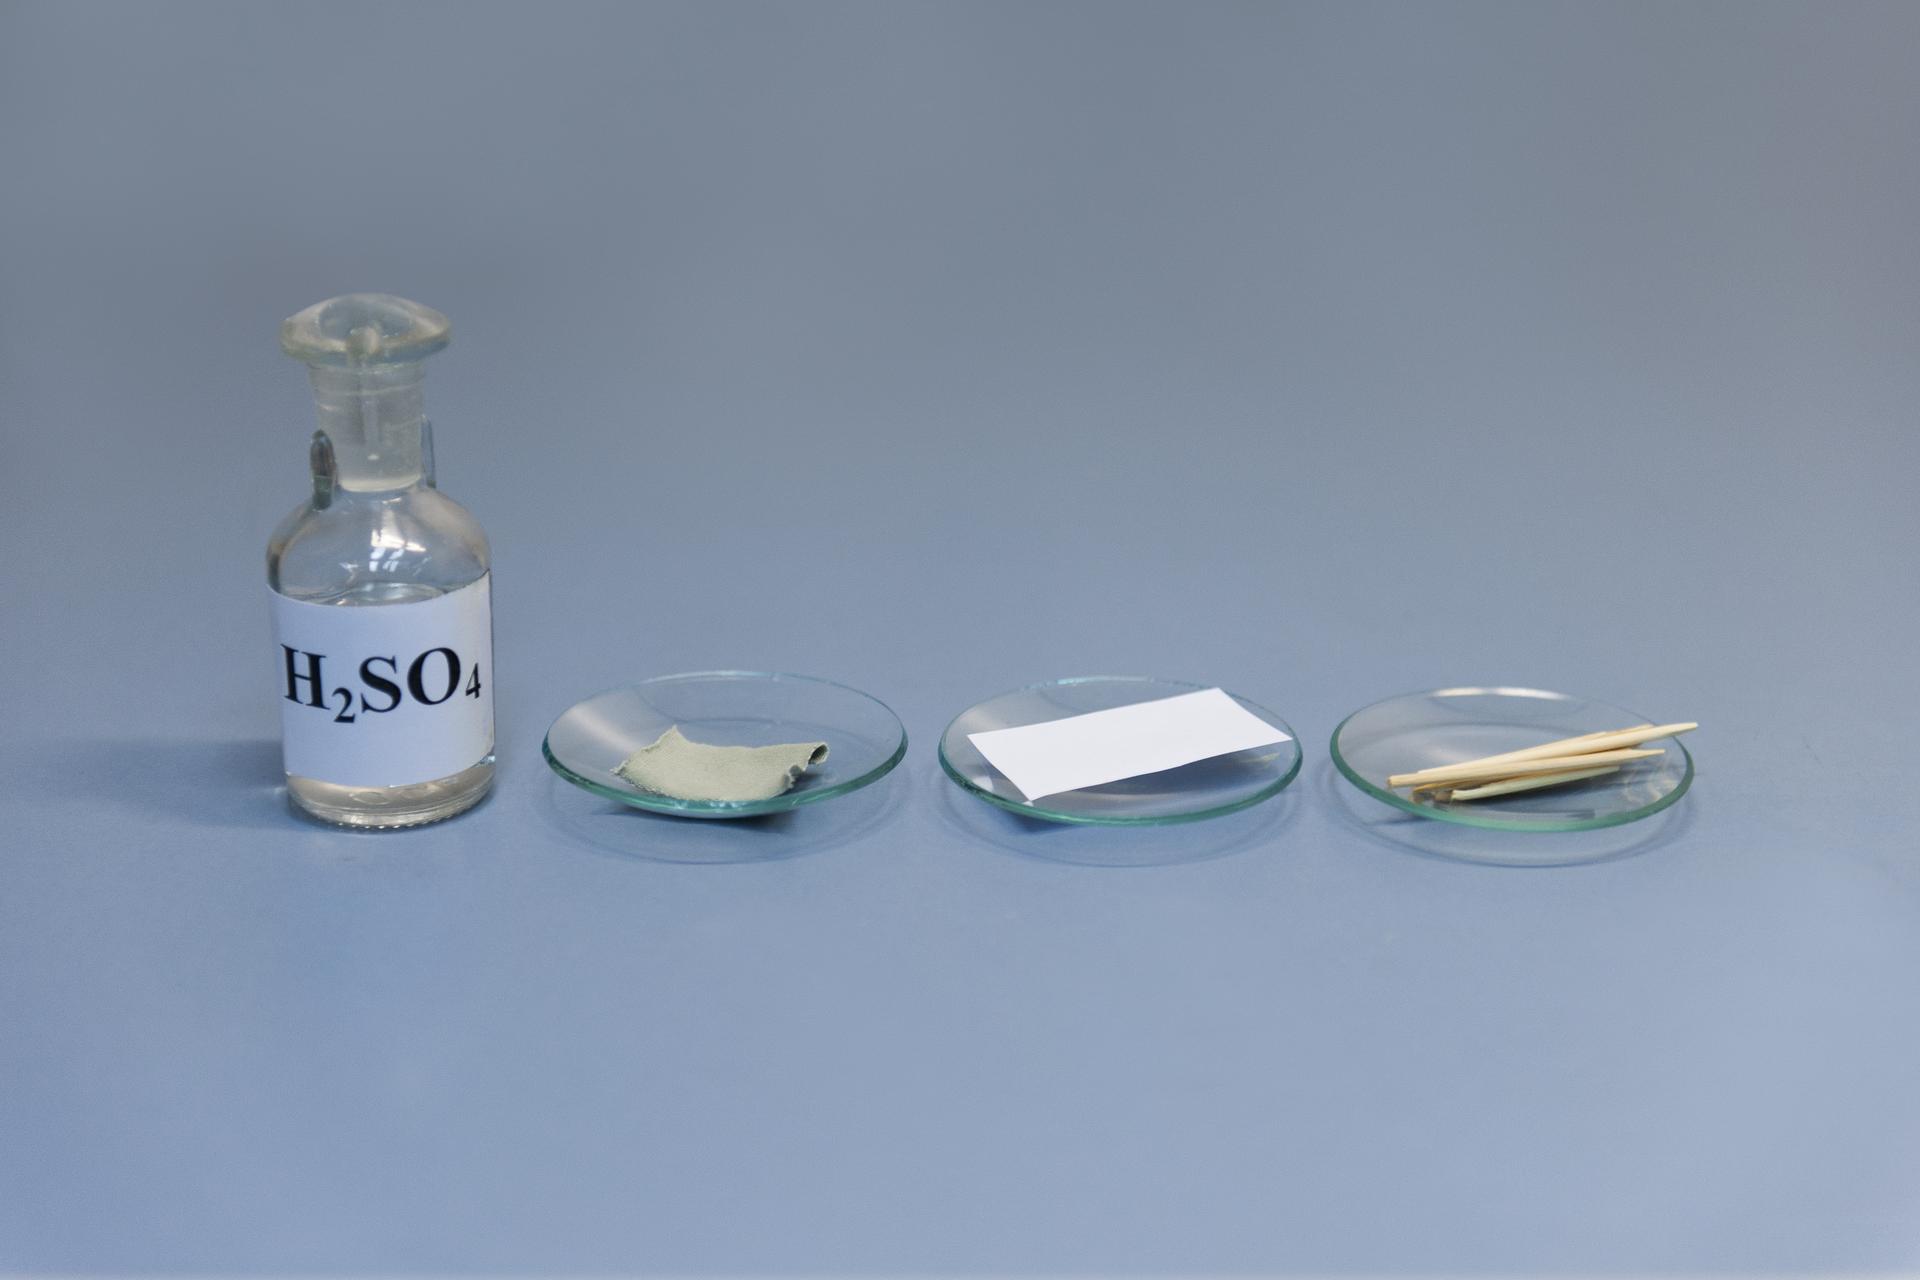 Pierwsze zdjęcie wgalerii. Na ilustracji prezentowana jest szklana butelka zetykietką inapisem H2SO4 stojąca na niebieskim podłożu. Po jej prawej stronie na blacie laboratoryjnym stoją wszeregu trzy szkiełka zegarkowe zawierające kolejno: kawałek tkaniny, kawałek papieru ikilka drewnianych połówek wykałaczek.